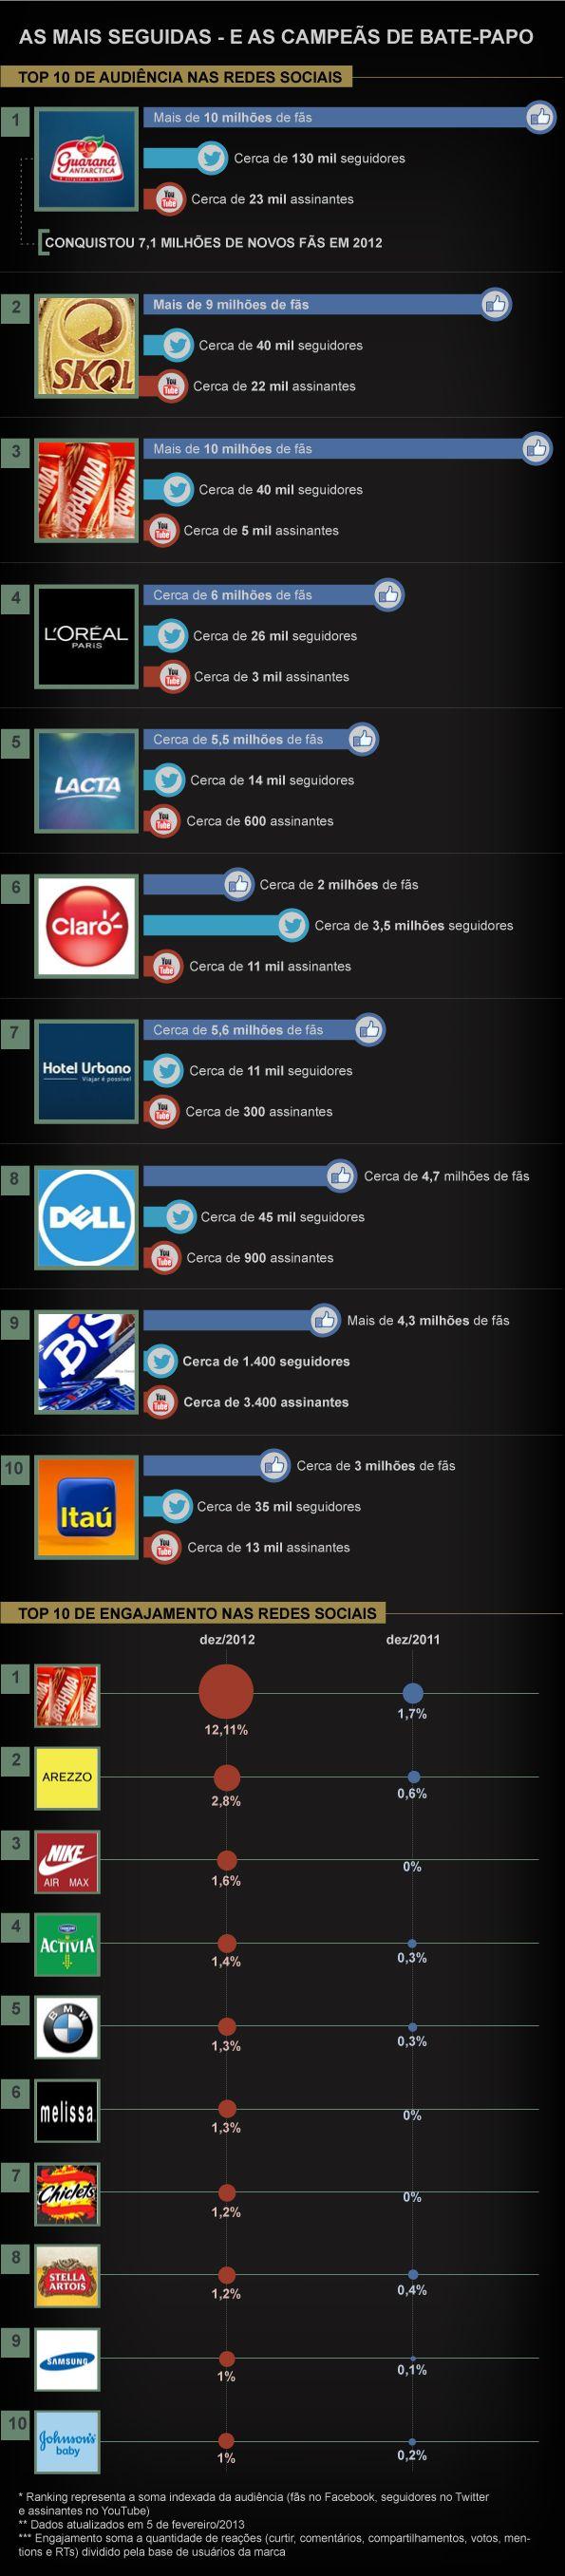 As 10 marcas de maior audiência e engajamento na web em 2012